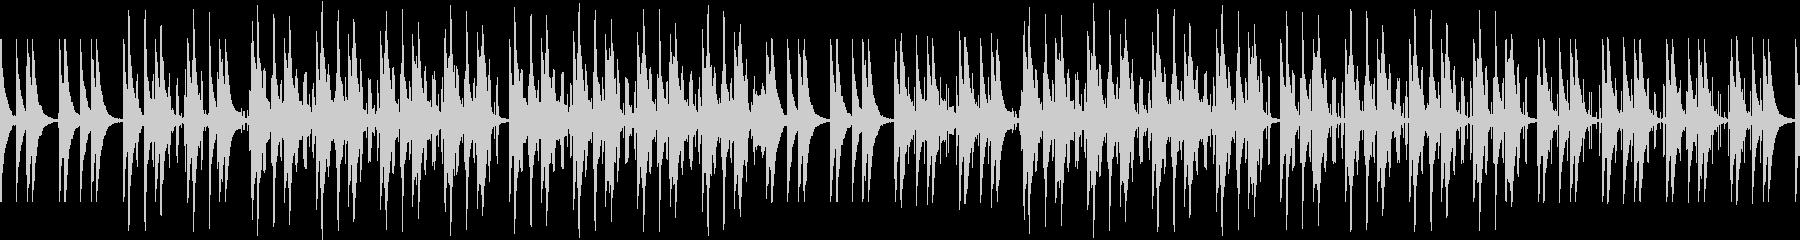 エンディング・感動的・映画風・ピアノの未再生の波形